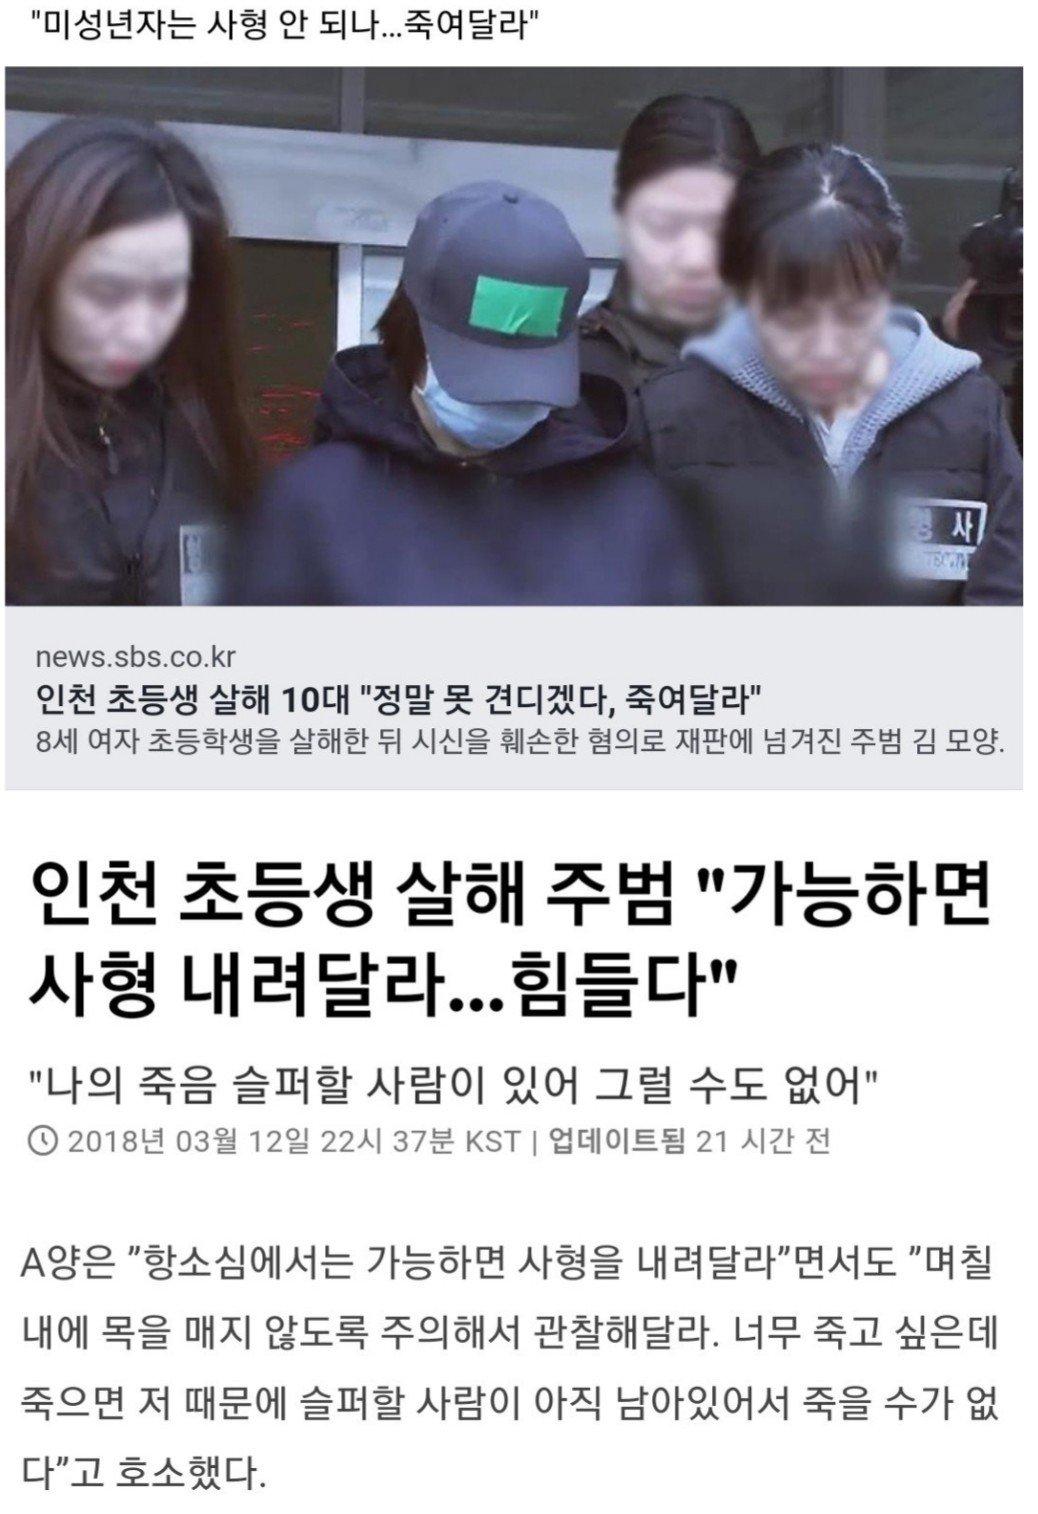 """20180313_210726.jpg 인천 초등학생 살인범, """"정말 못 견디겠다... 미성년자고 뭐고 죽여달라"""""""